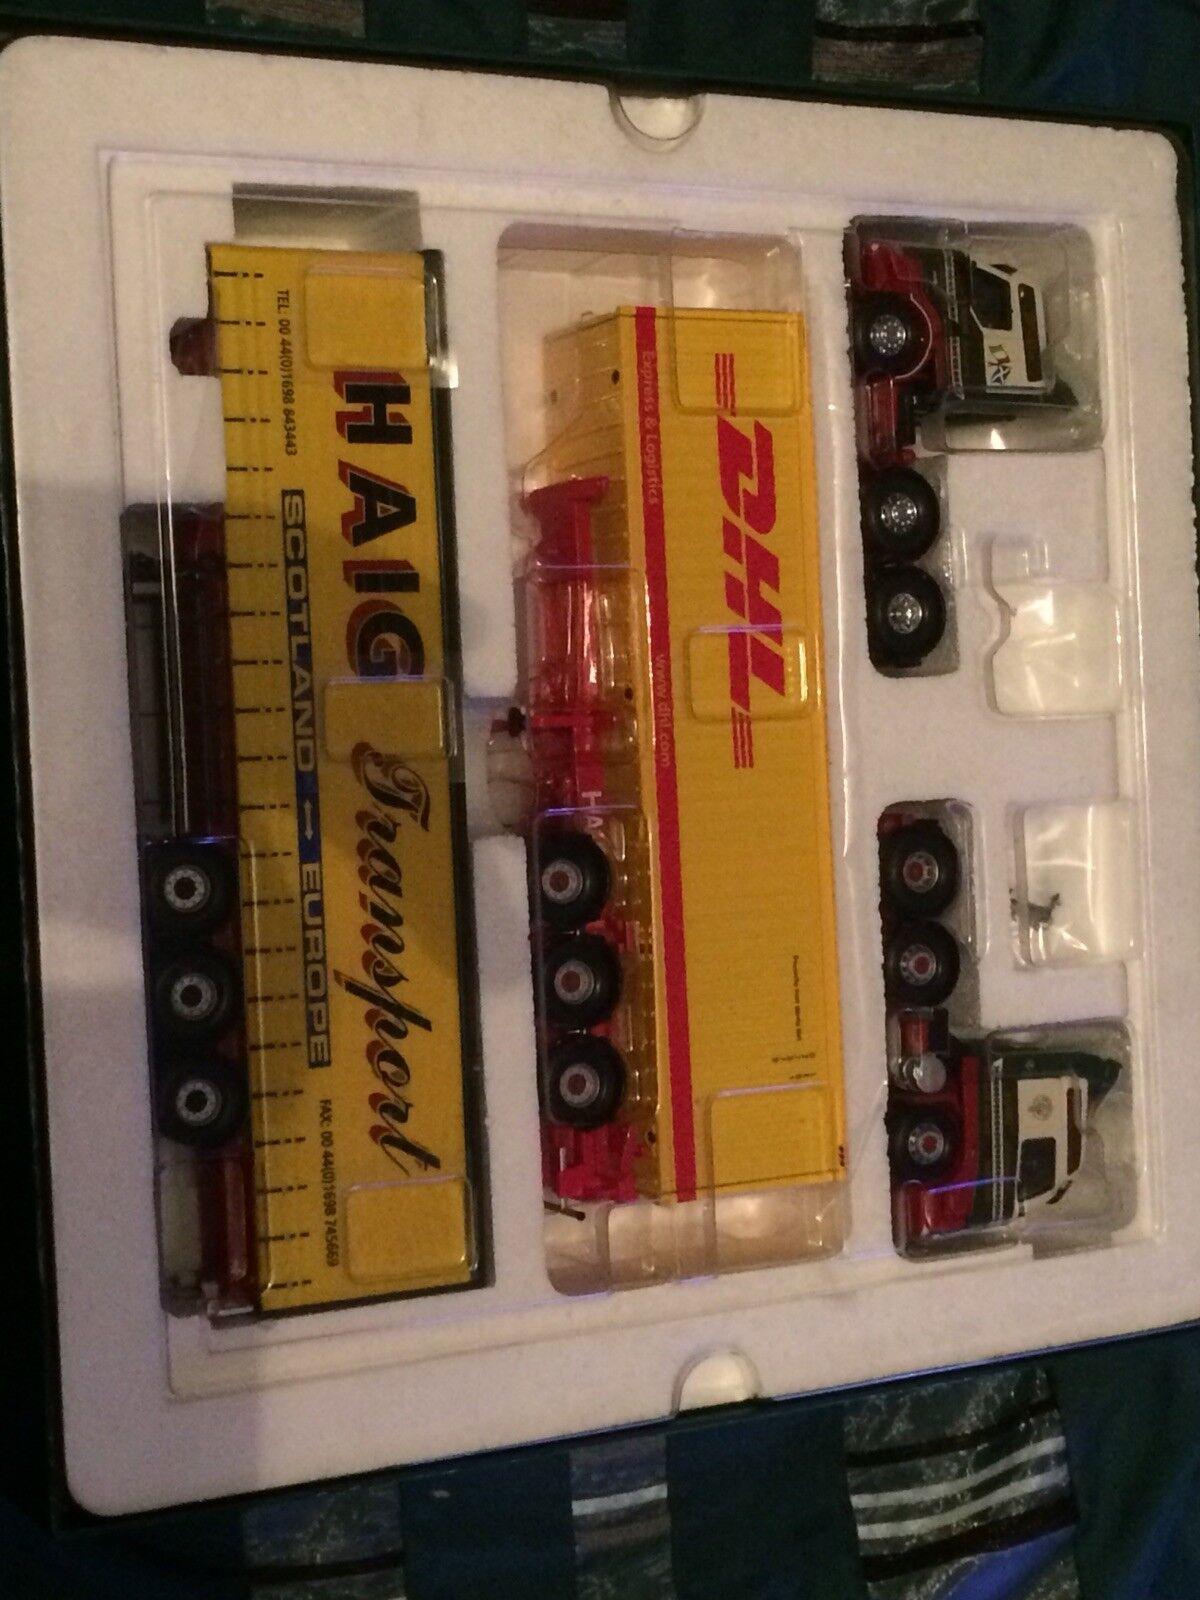 Corgi tärningskast lastbils minneslåda för Haig -transport